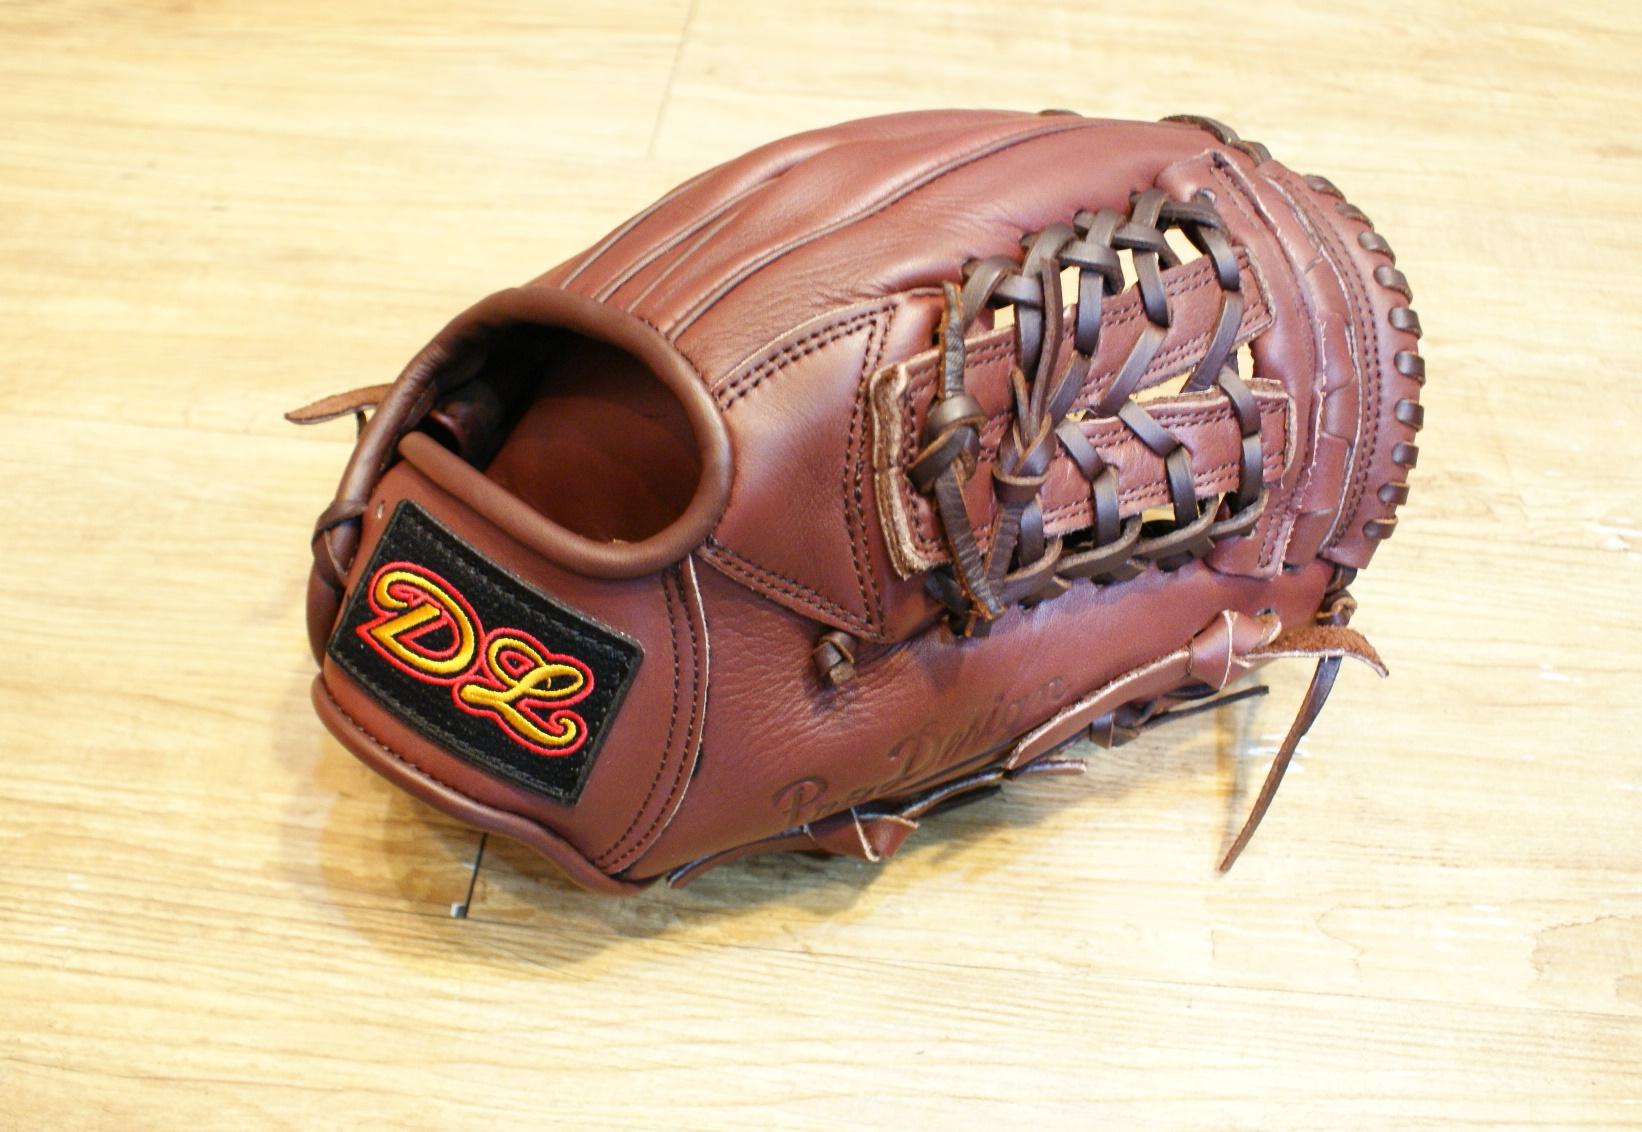 棒球世界14年DL新款內野開指棒球手套 咖啡色 特價 送皮革油